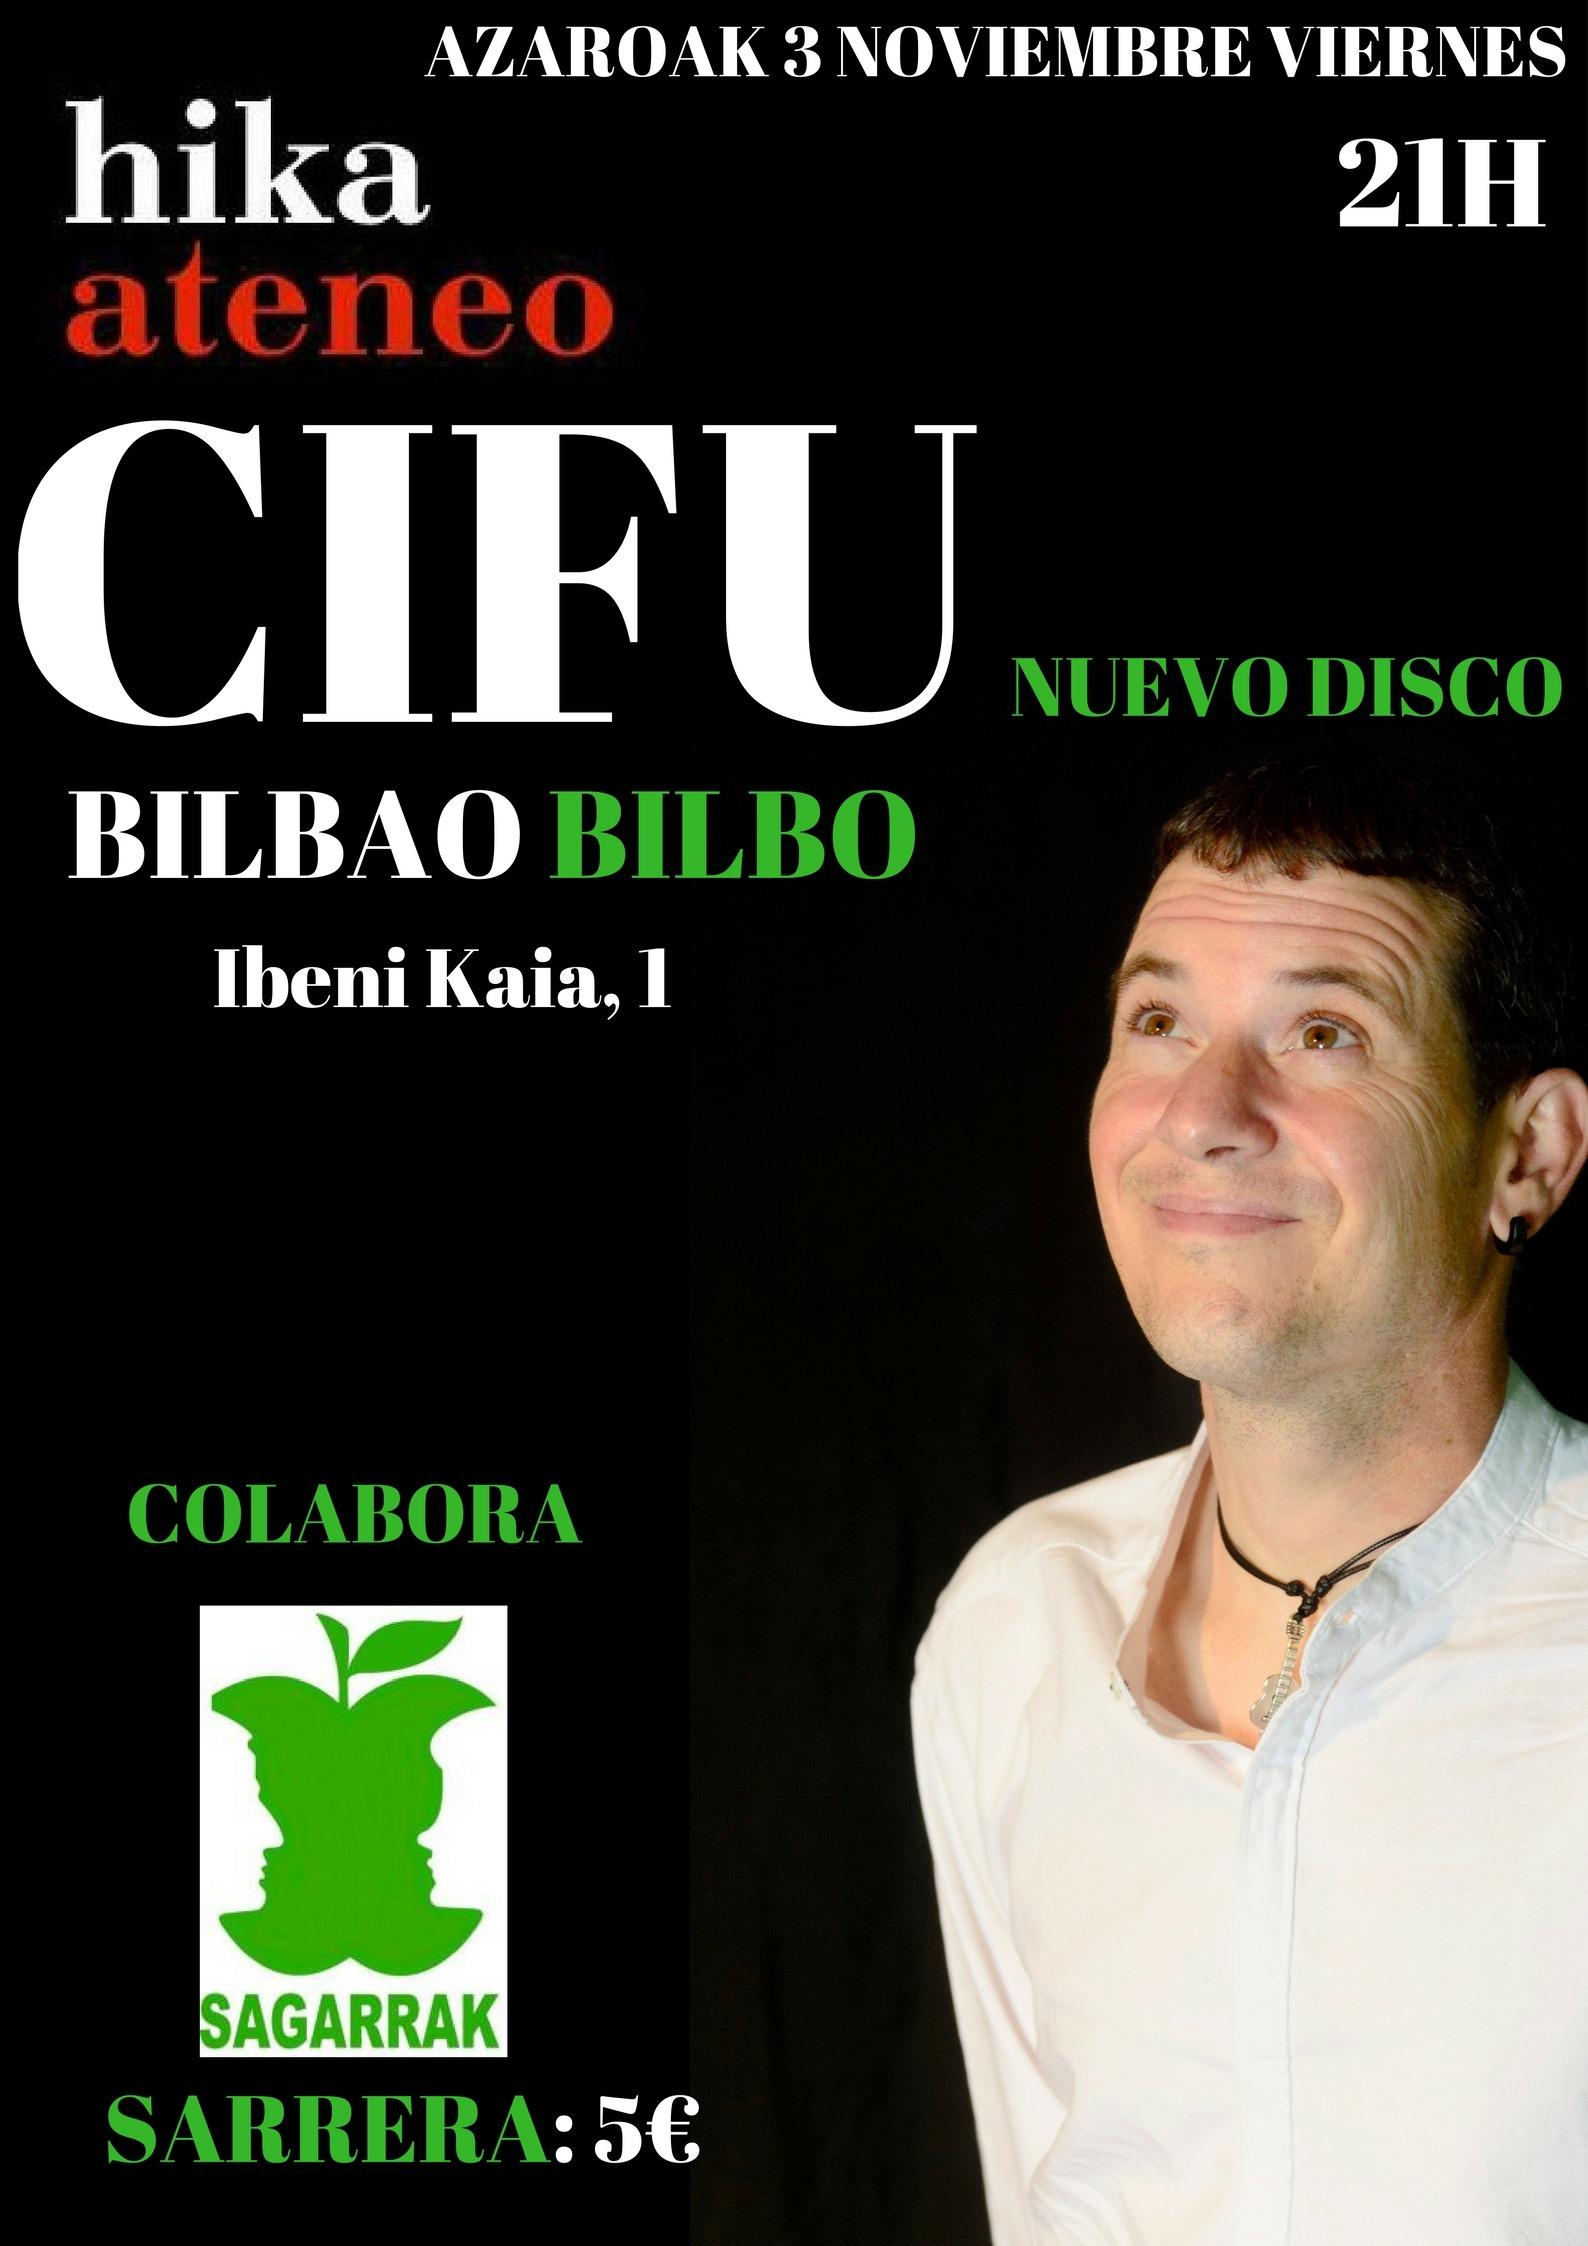 Cifu HIKA Bilbao